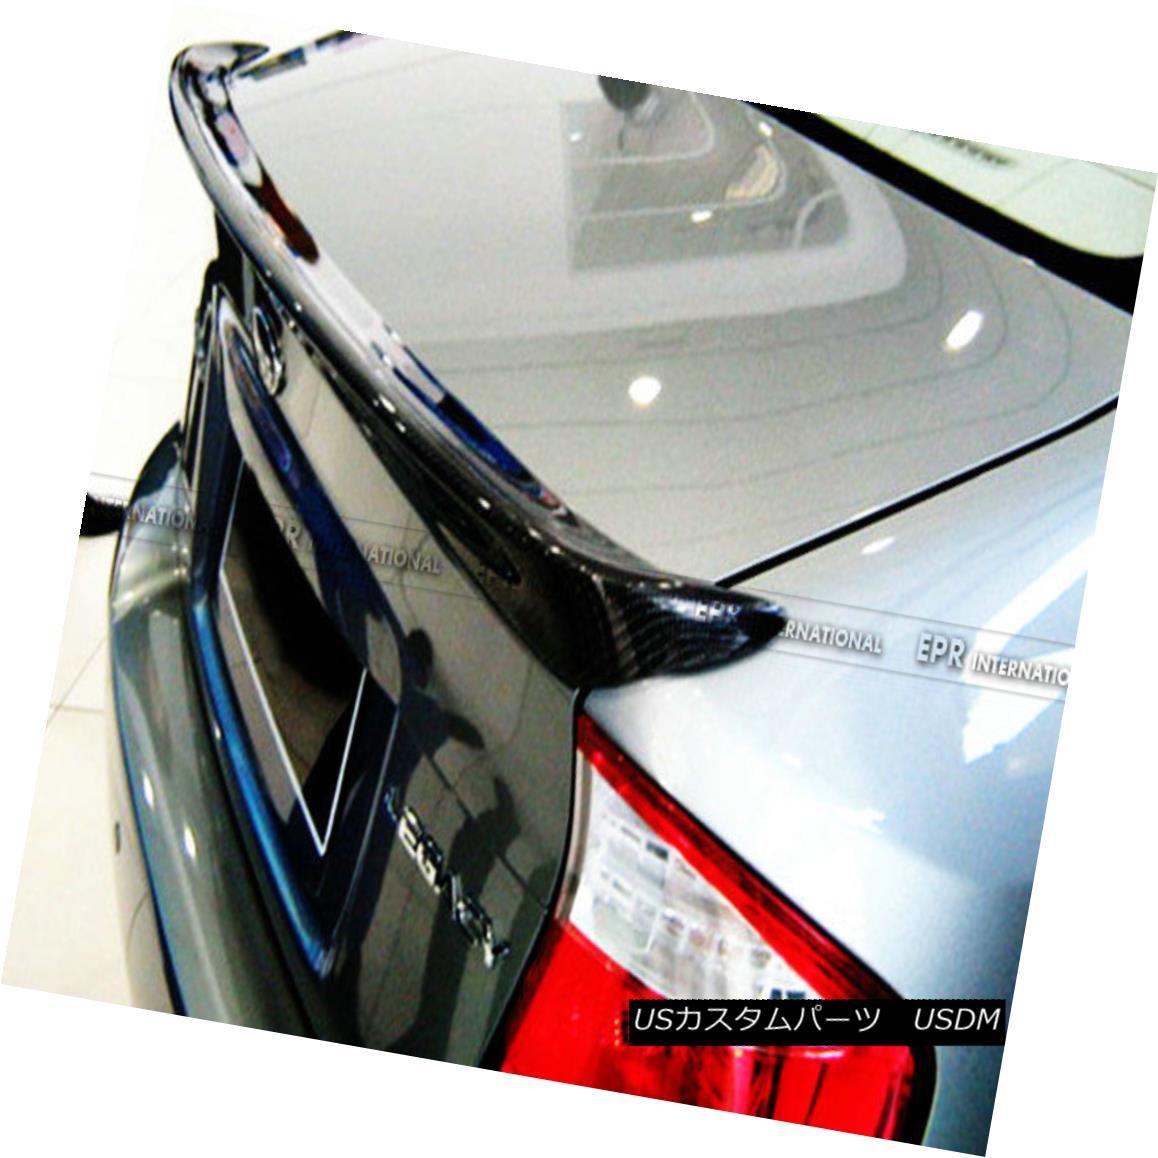 エアロパーツ AER Rear Trunk Spoiler Ducktail Wing For Subaru BL BP 04-08 Legacy Carbon Fiber AERリアトランクスポイラーDucktailウィングforスバルBL BP 04-08レガシーカーボンファイバー